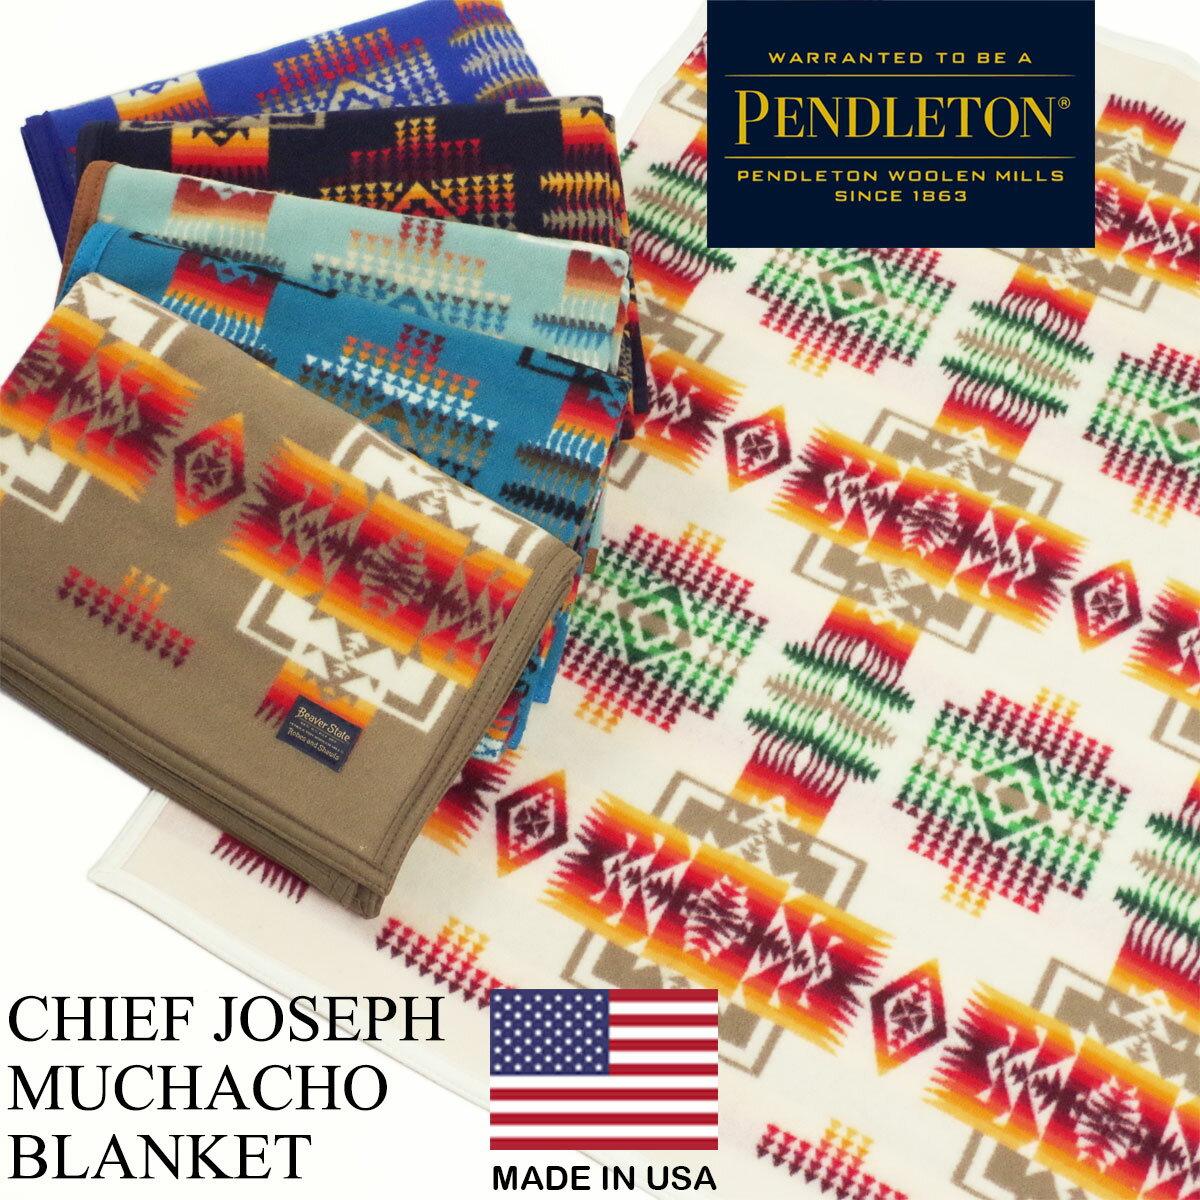 ペンドルトン PENDLETON チーフジョセフ ムチャチョ ブランケット (CHIEF JOSEPH MUCHACHO BLANKET ウール 膝掛け 毛布 米国製)